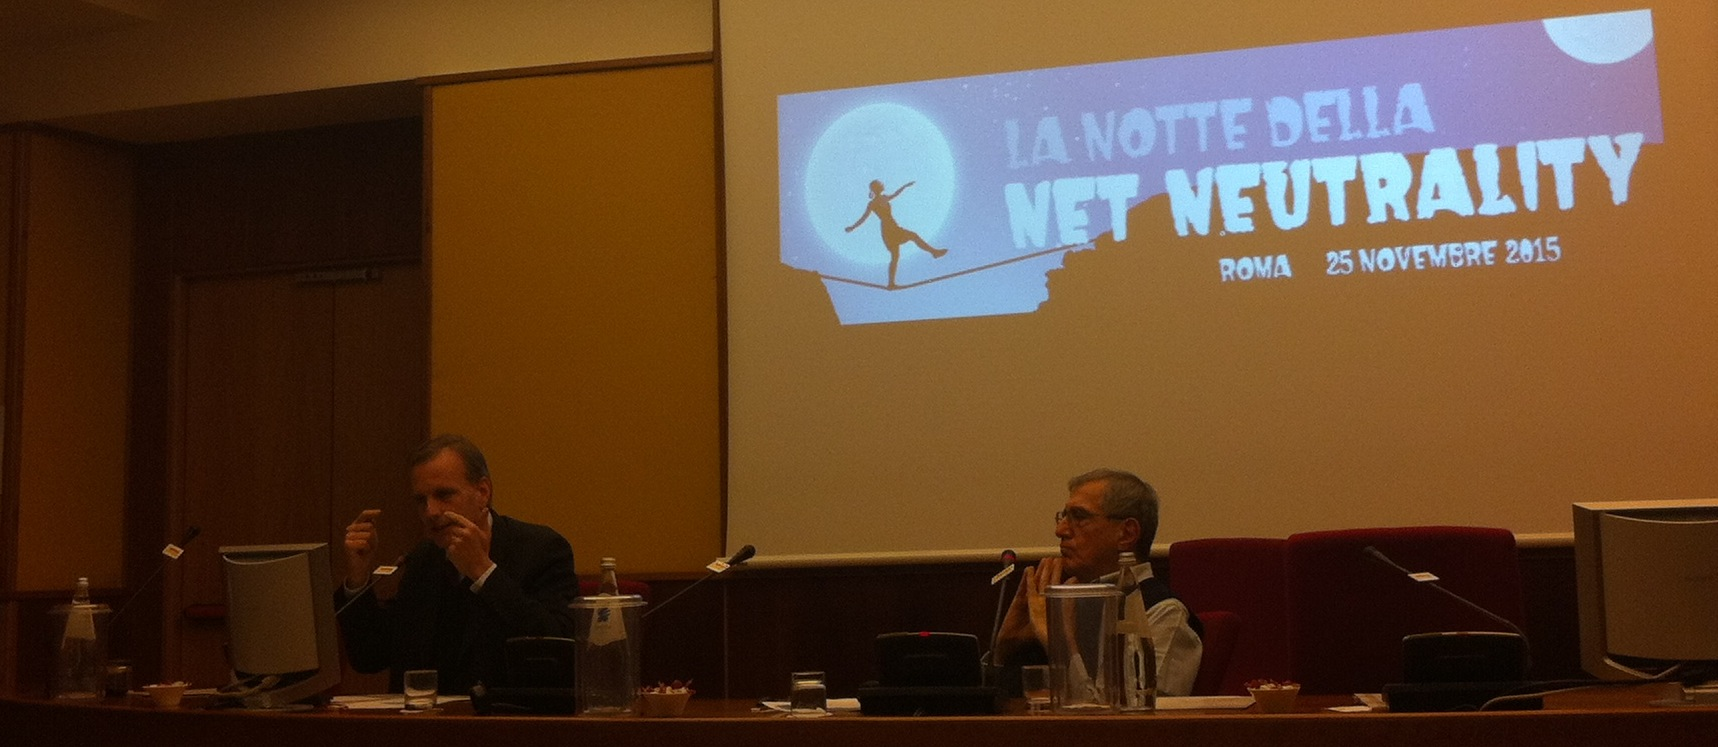 Notte Net Neutrality Prof. Gambino